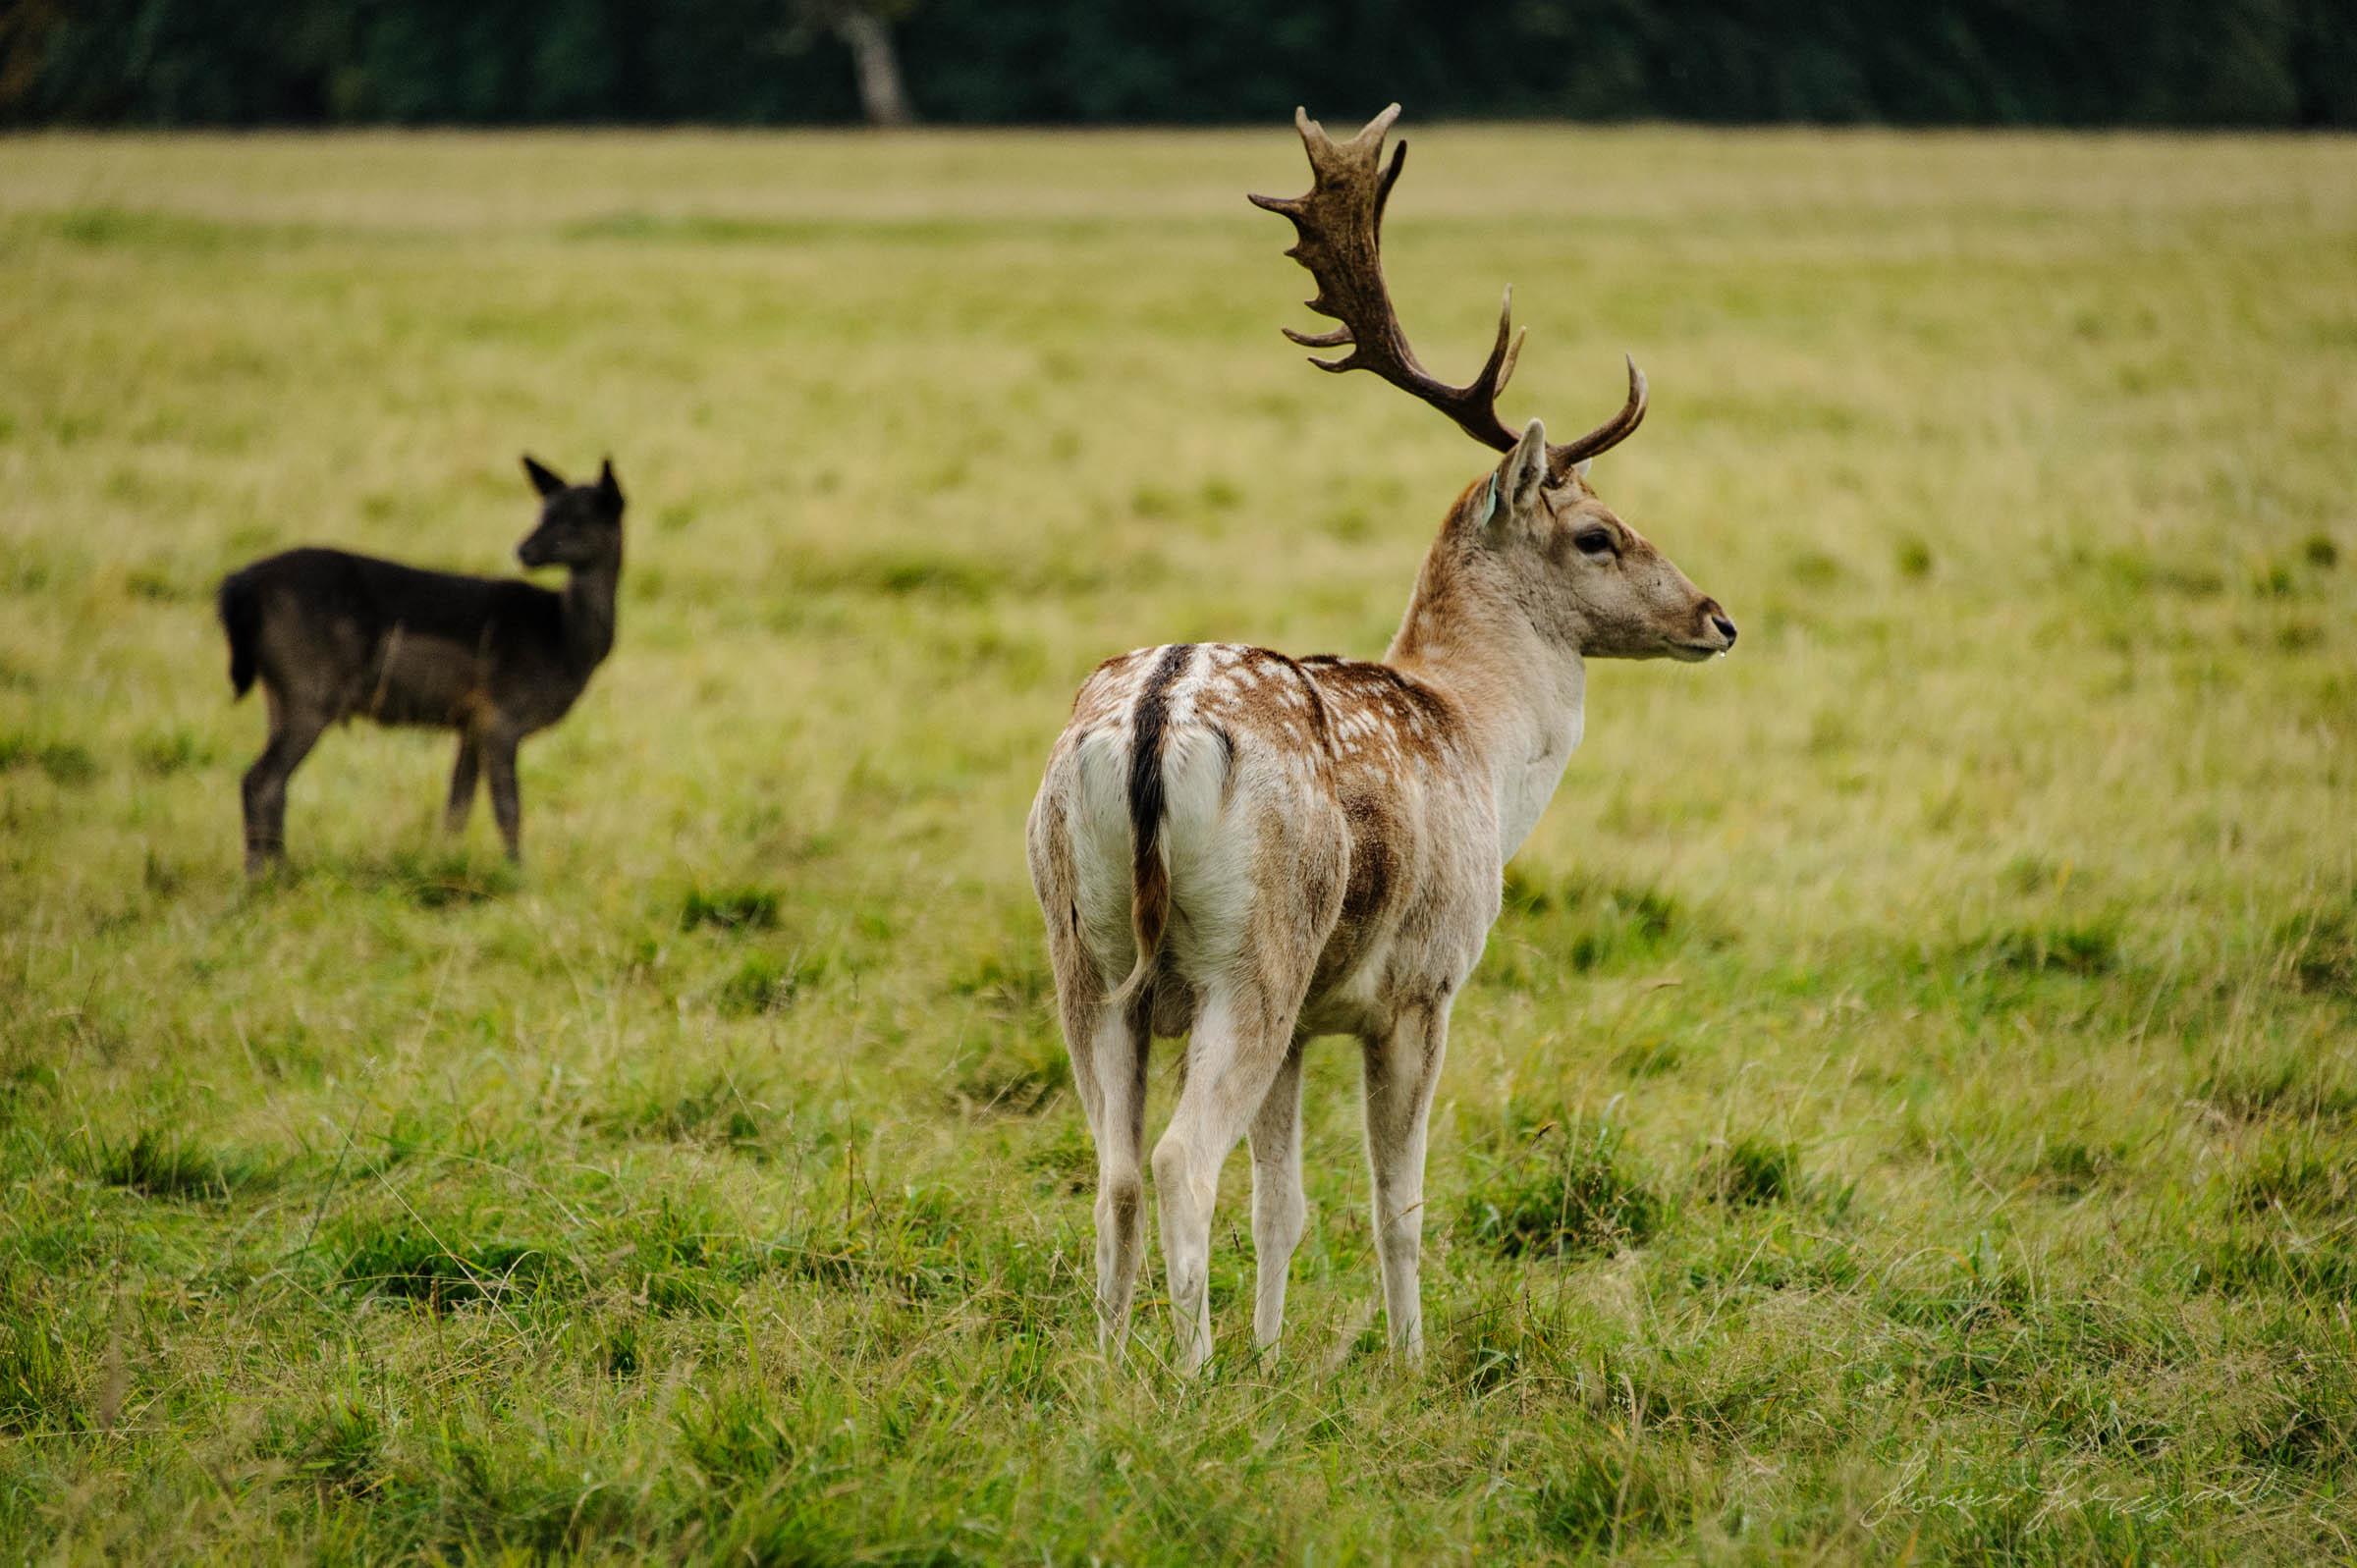 Pheonix-Park-Deer-12.jpg